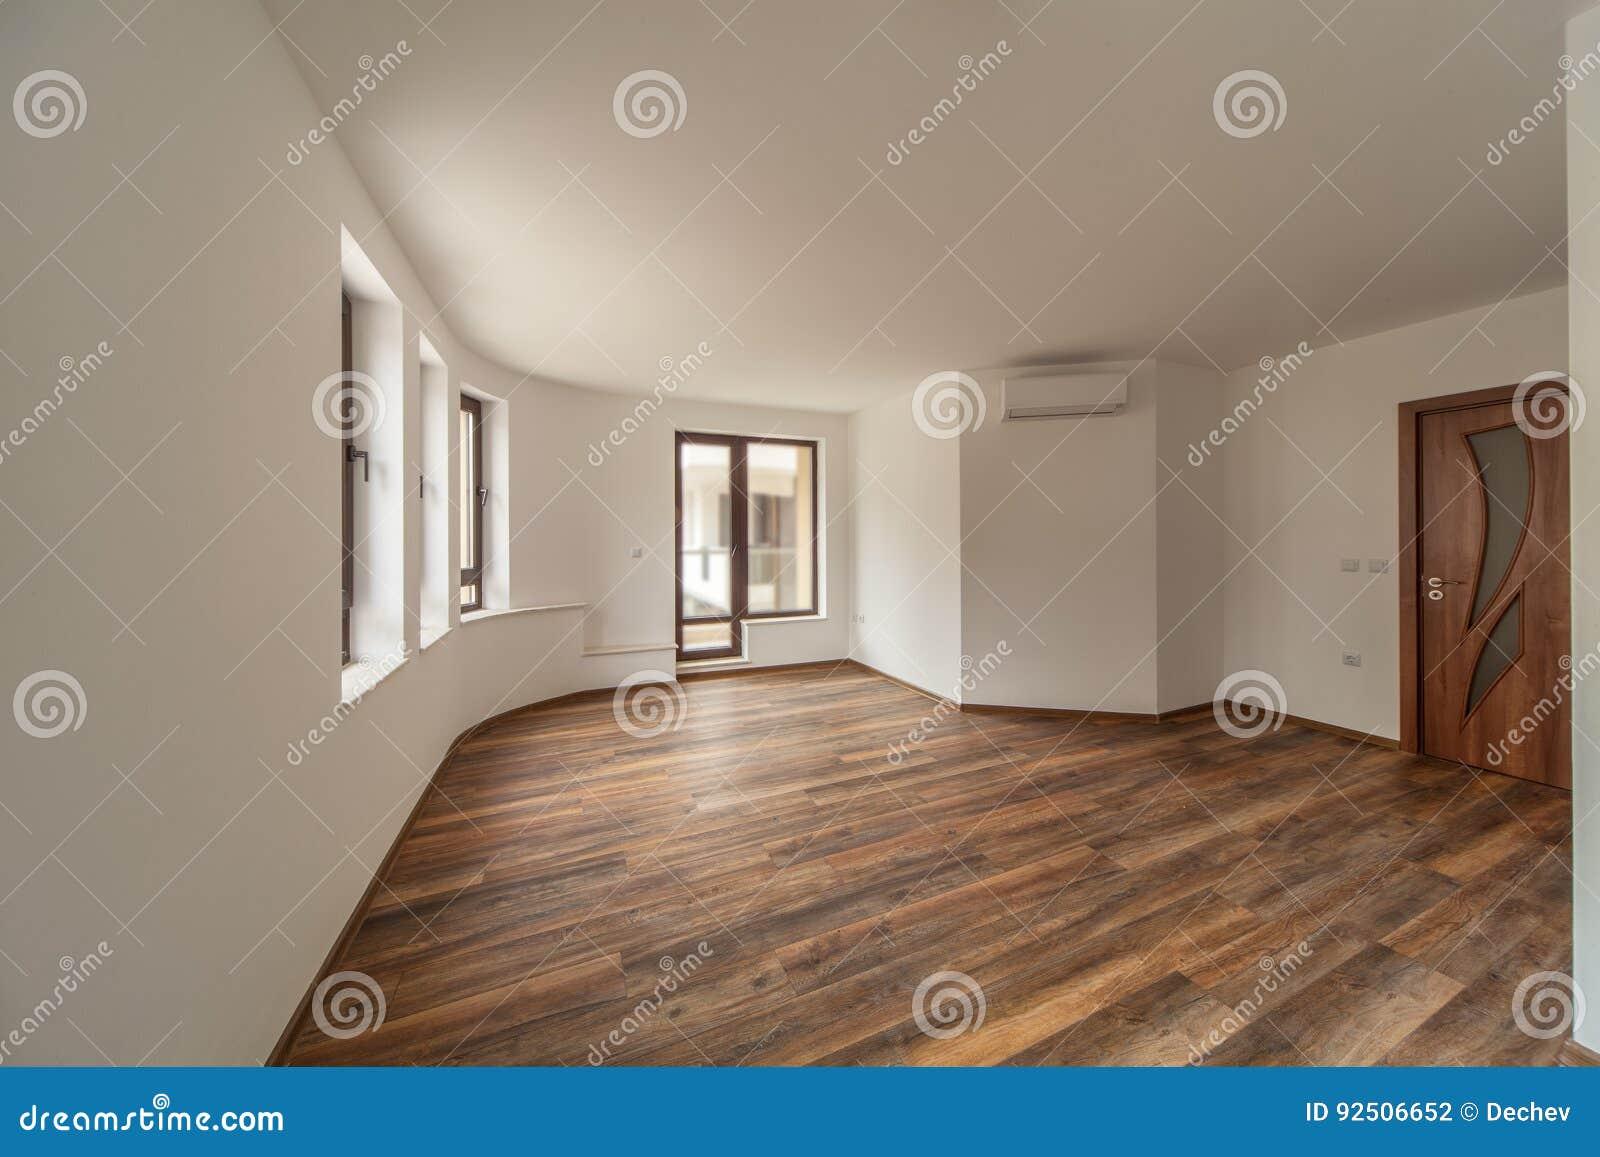 Lege ruimte met natuurlijk licht van vensters modern